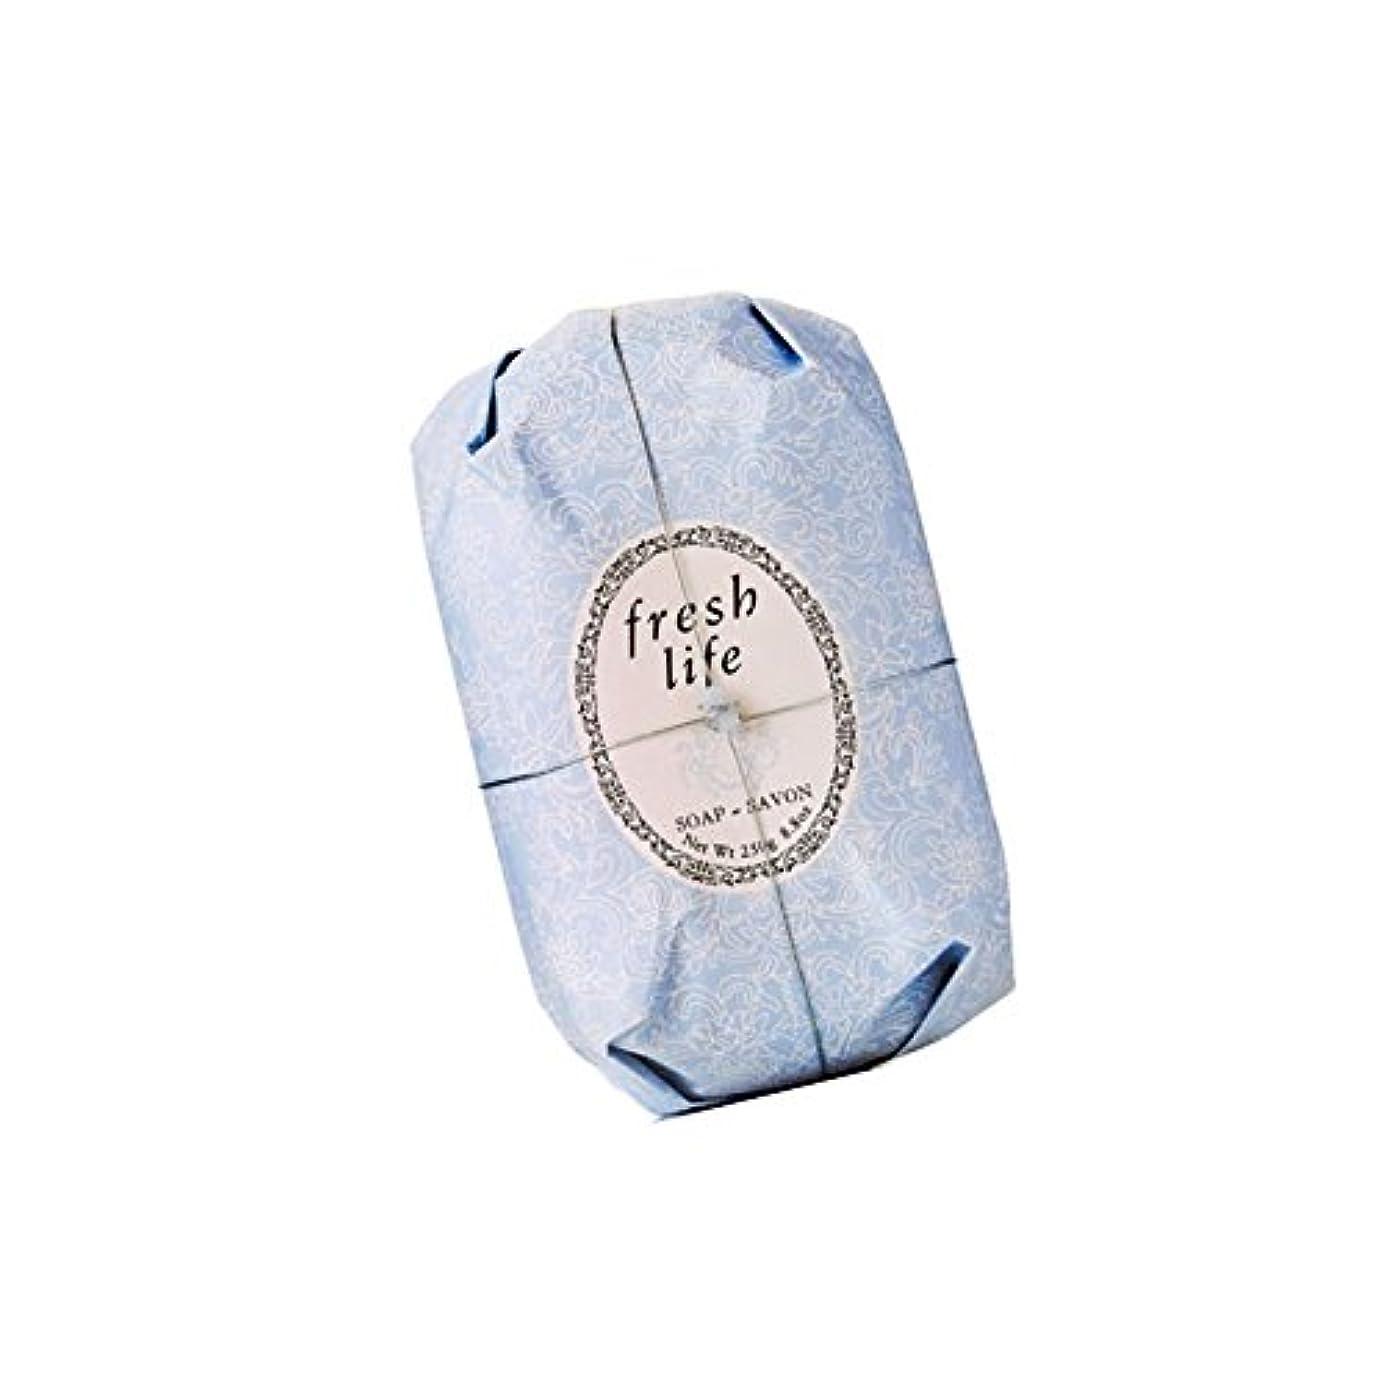 ライバルテスト呼ぶFresh フレッシュ Life Soap 石鹸, 250g/8.8oz. [海外直送品] [並行輸入品]